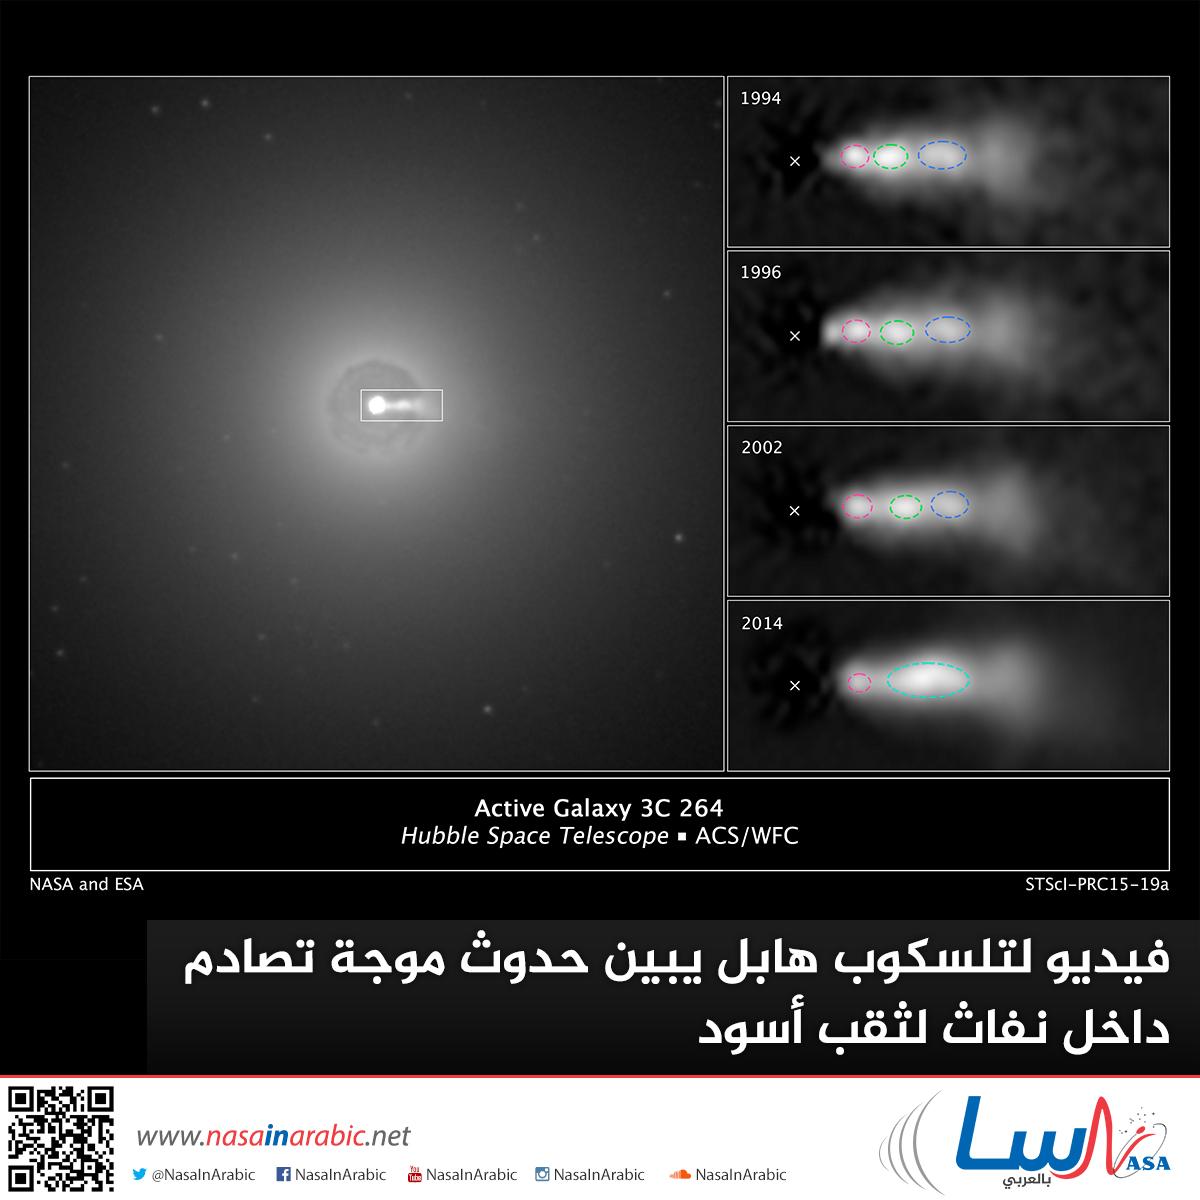 فيديو لتلسكوب هابل يبين حدوث موجة تصادم داخل نفاث لثقب أسود